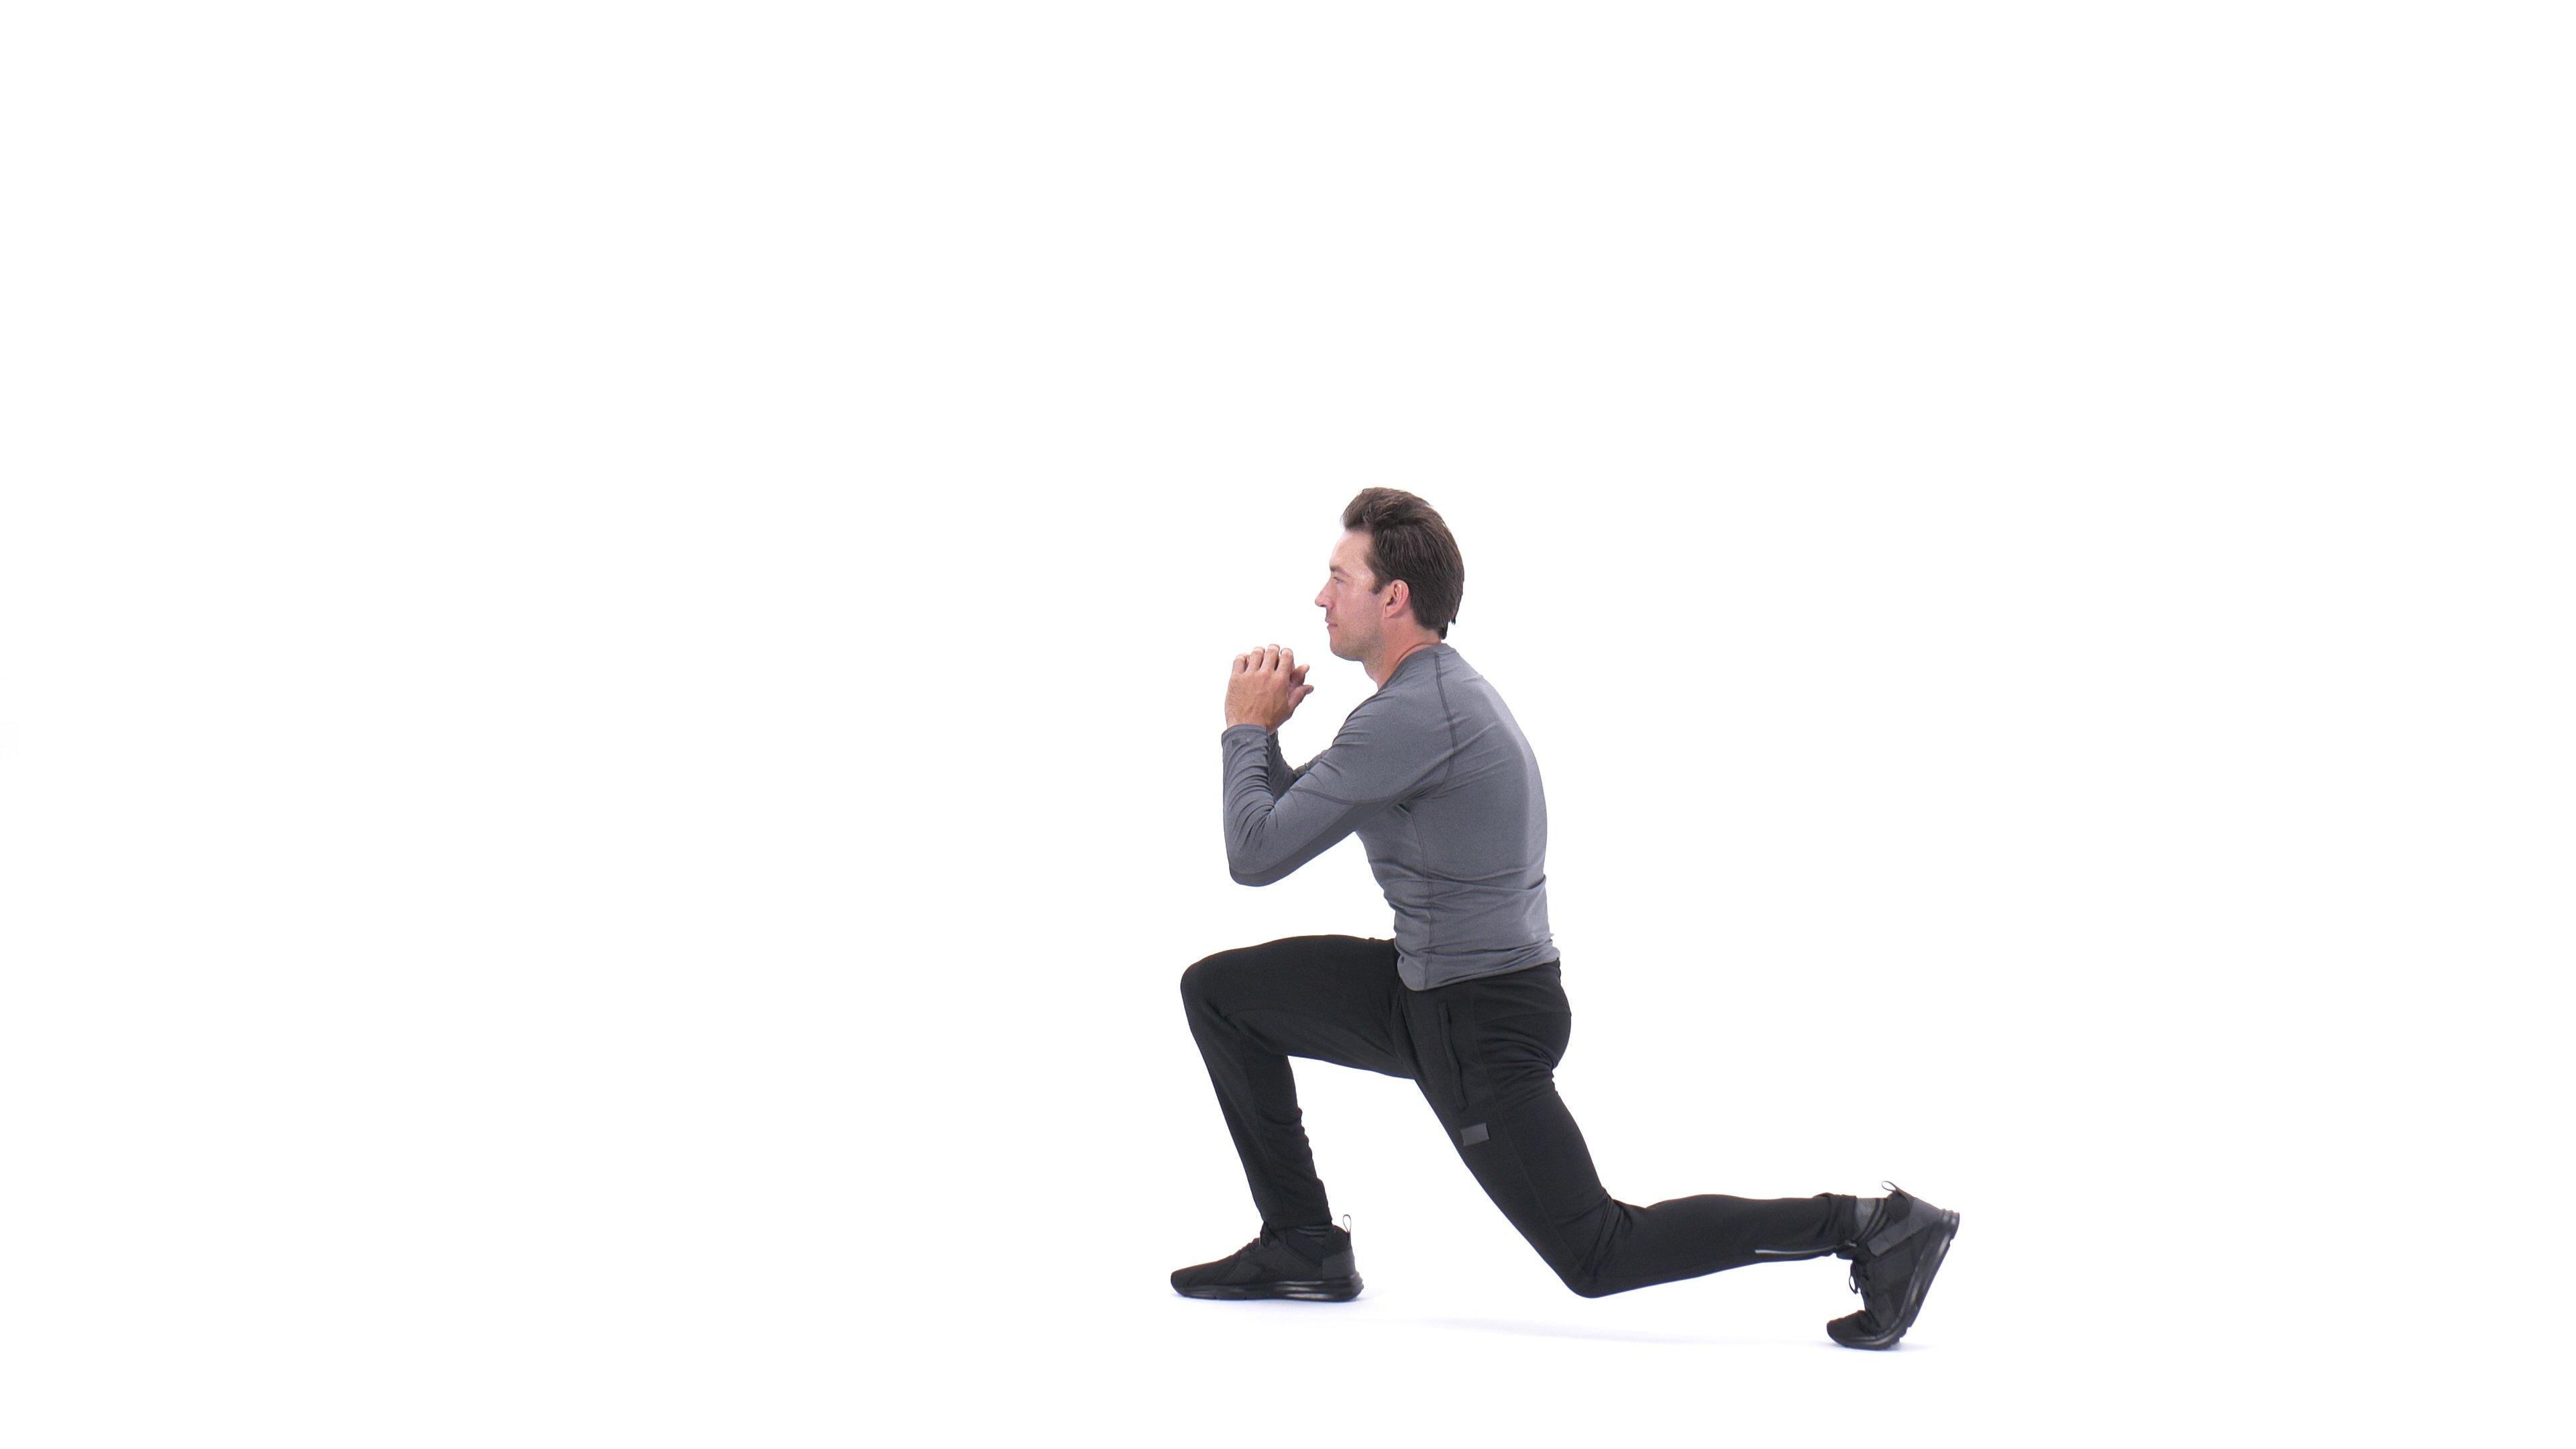 Gorilla squat image